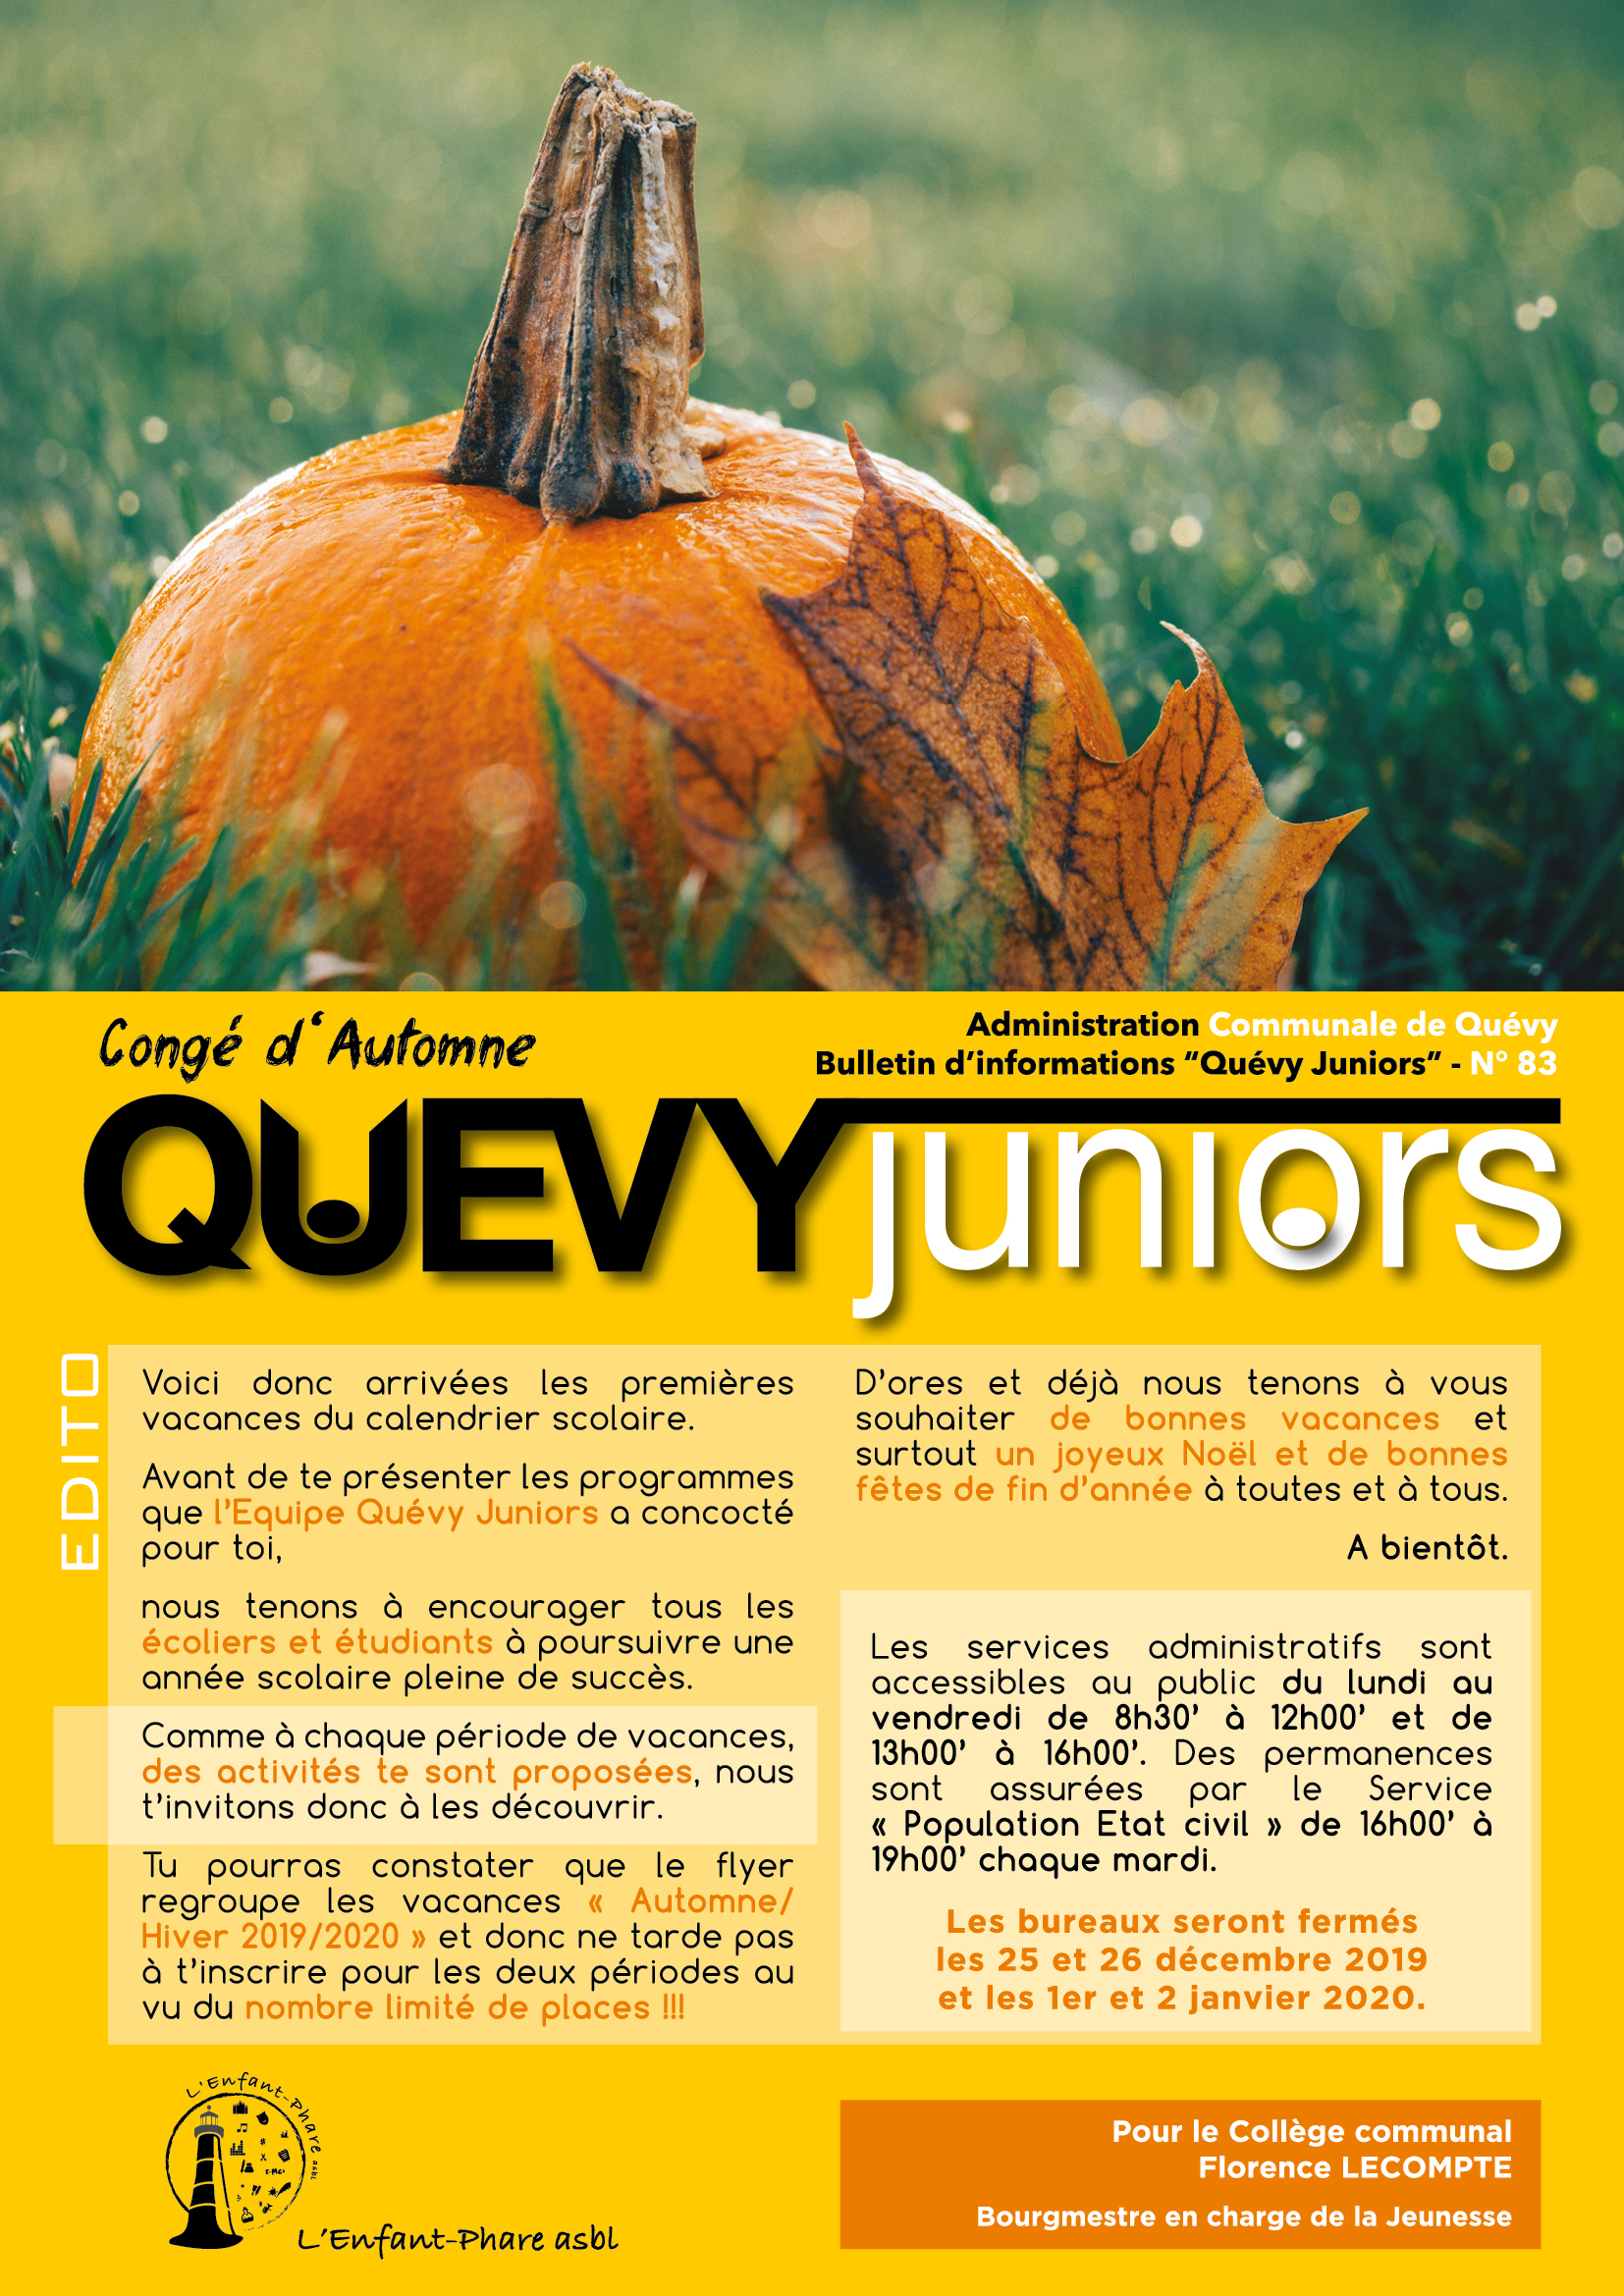 quévy-junior-83 1.jpg